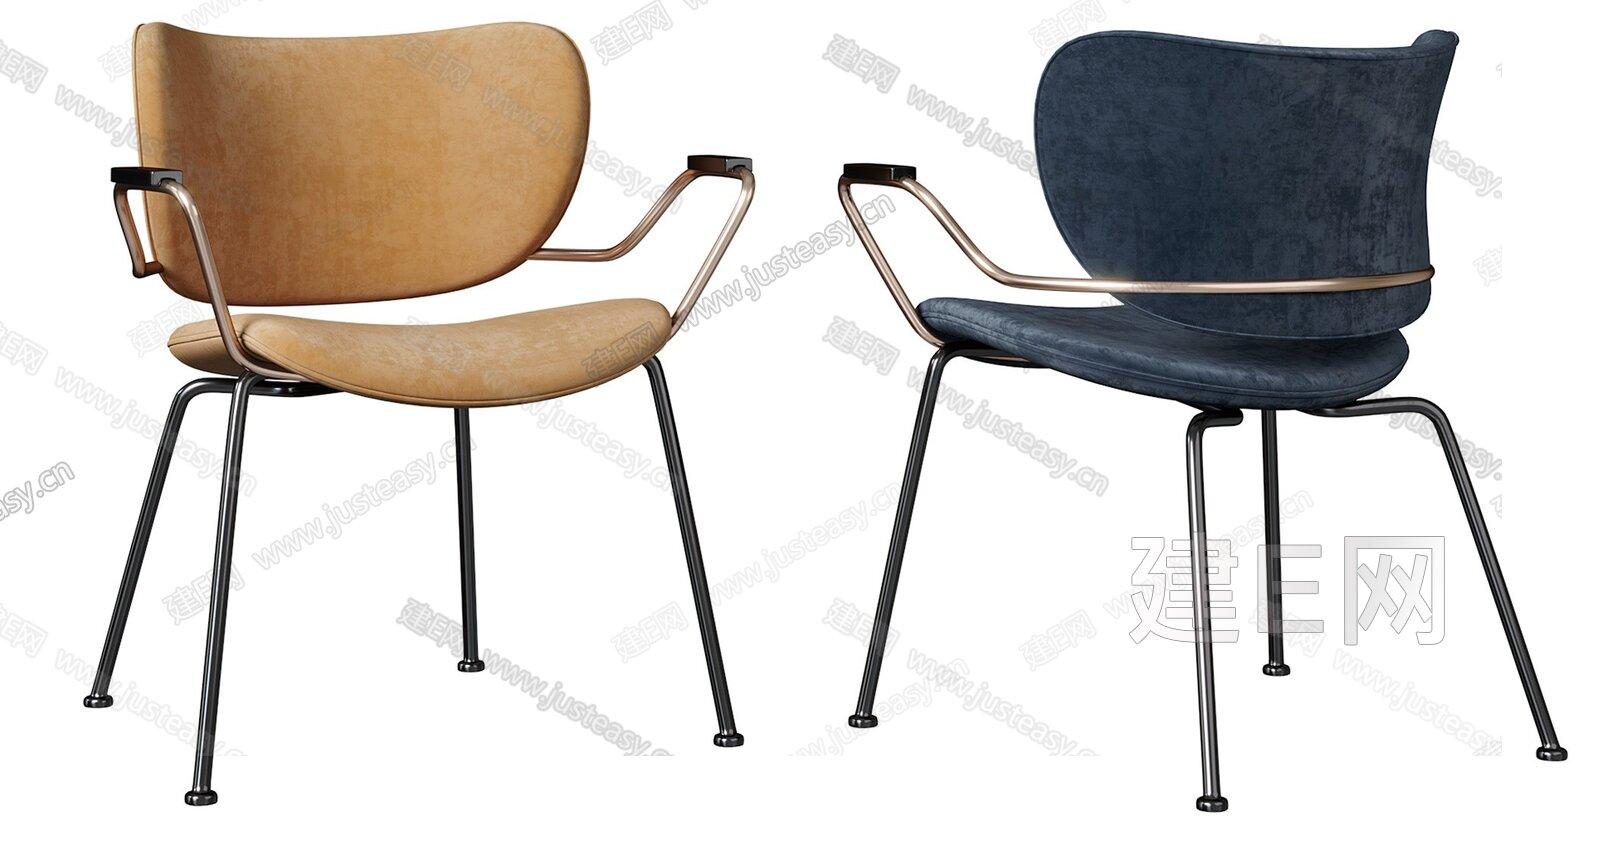 现代单椅组合3d模型